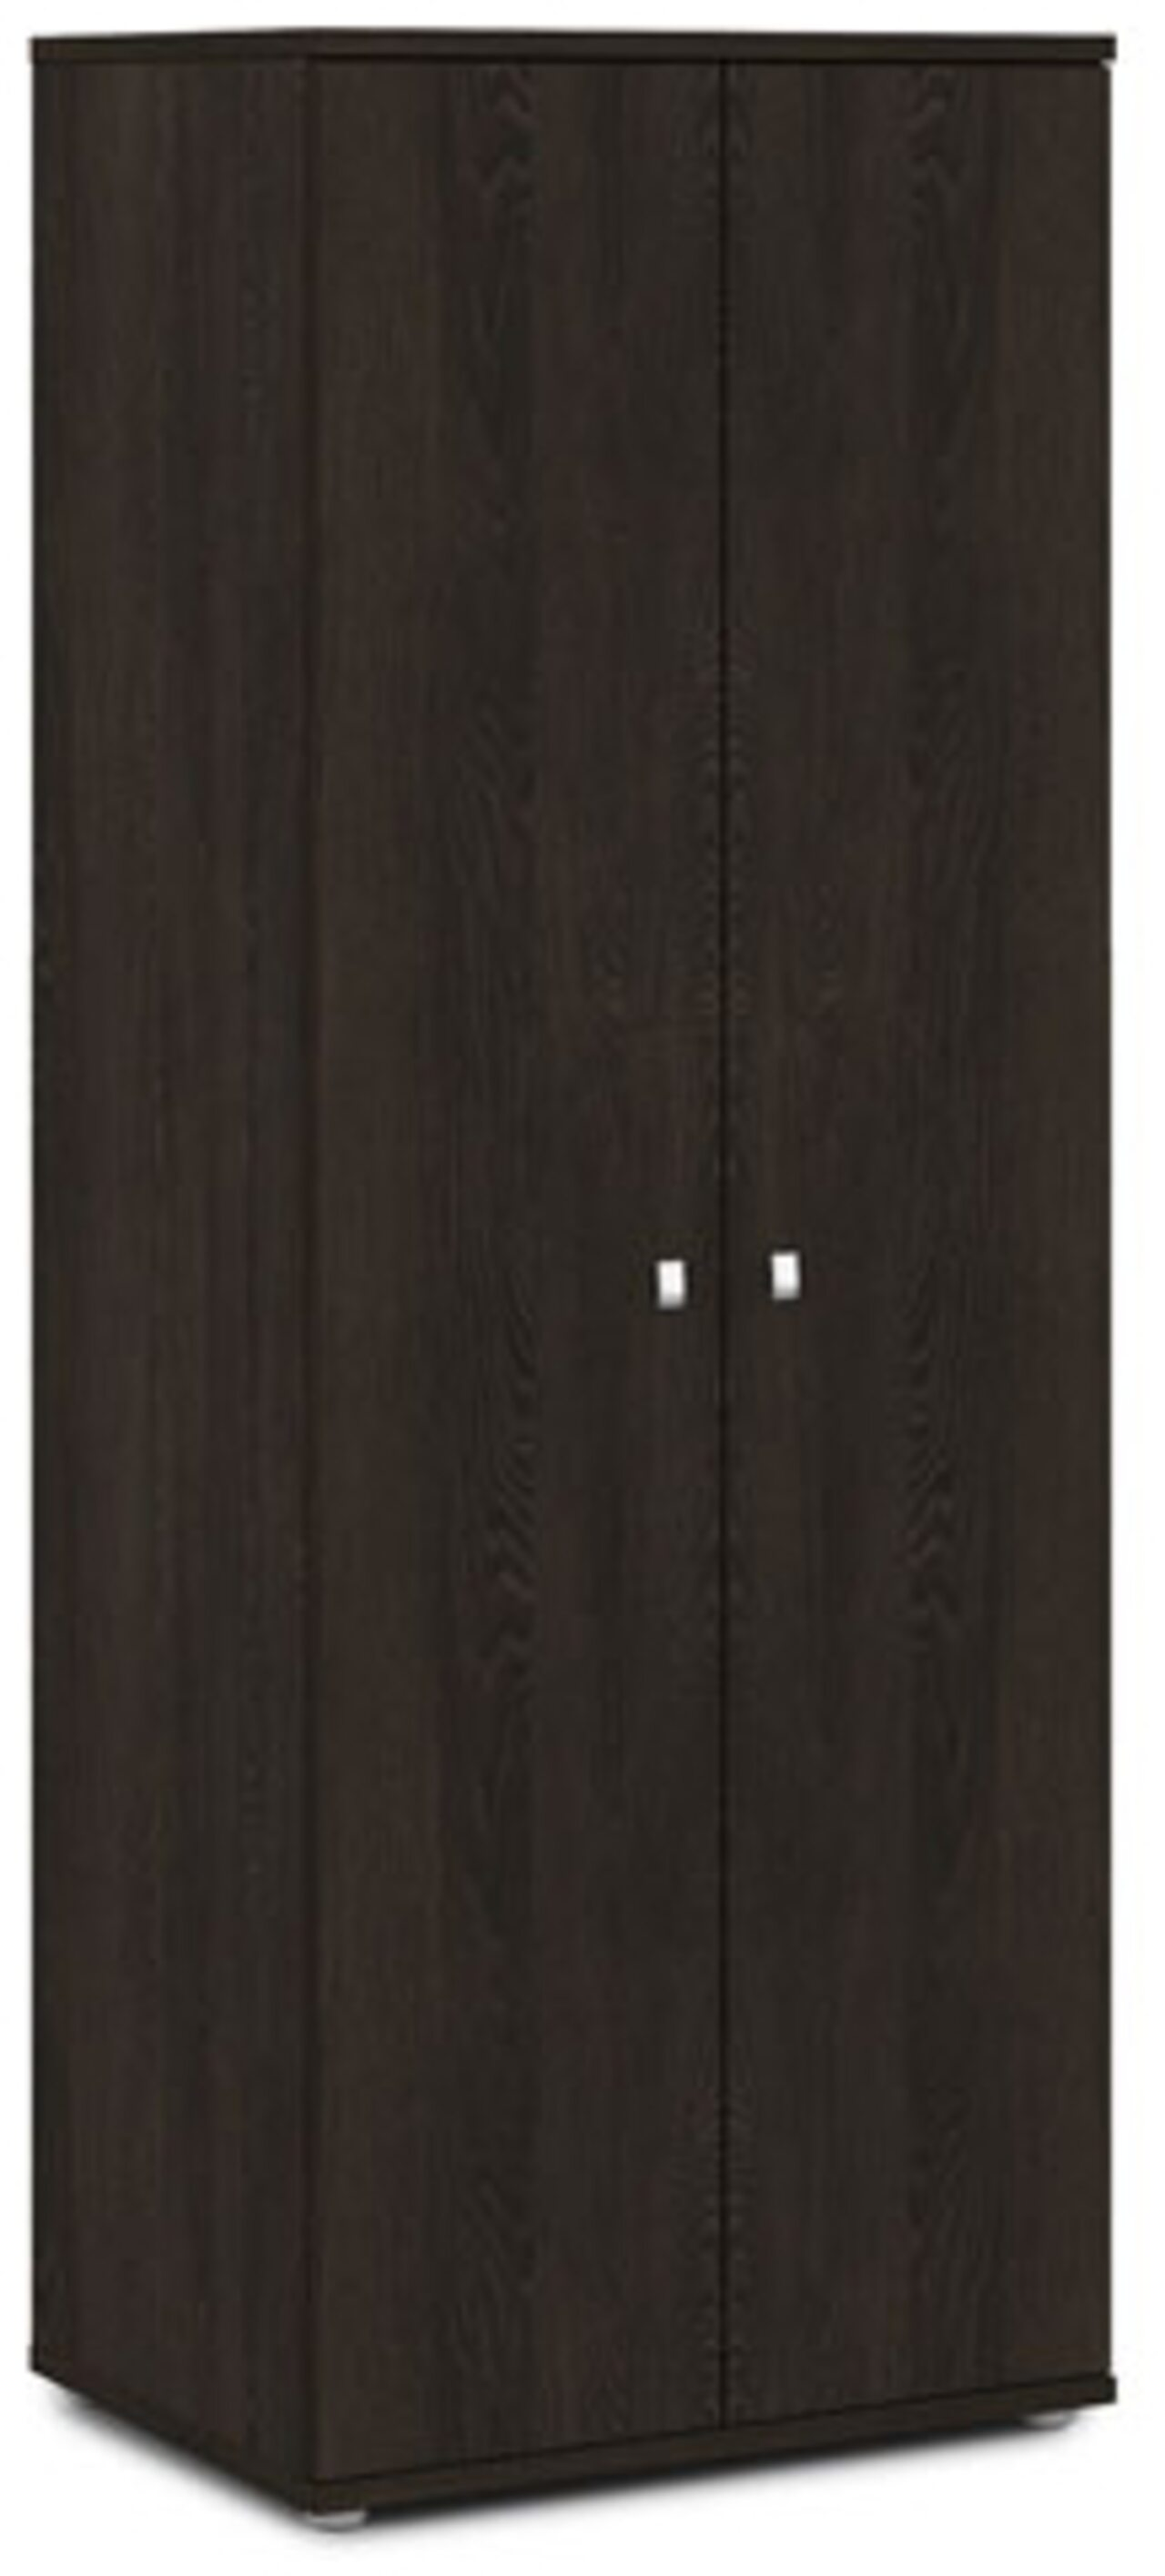 Шкаф для одежды  Vasanta 82x59x220 - фото 4